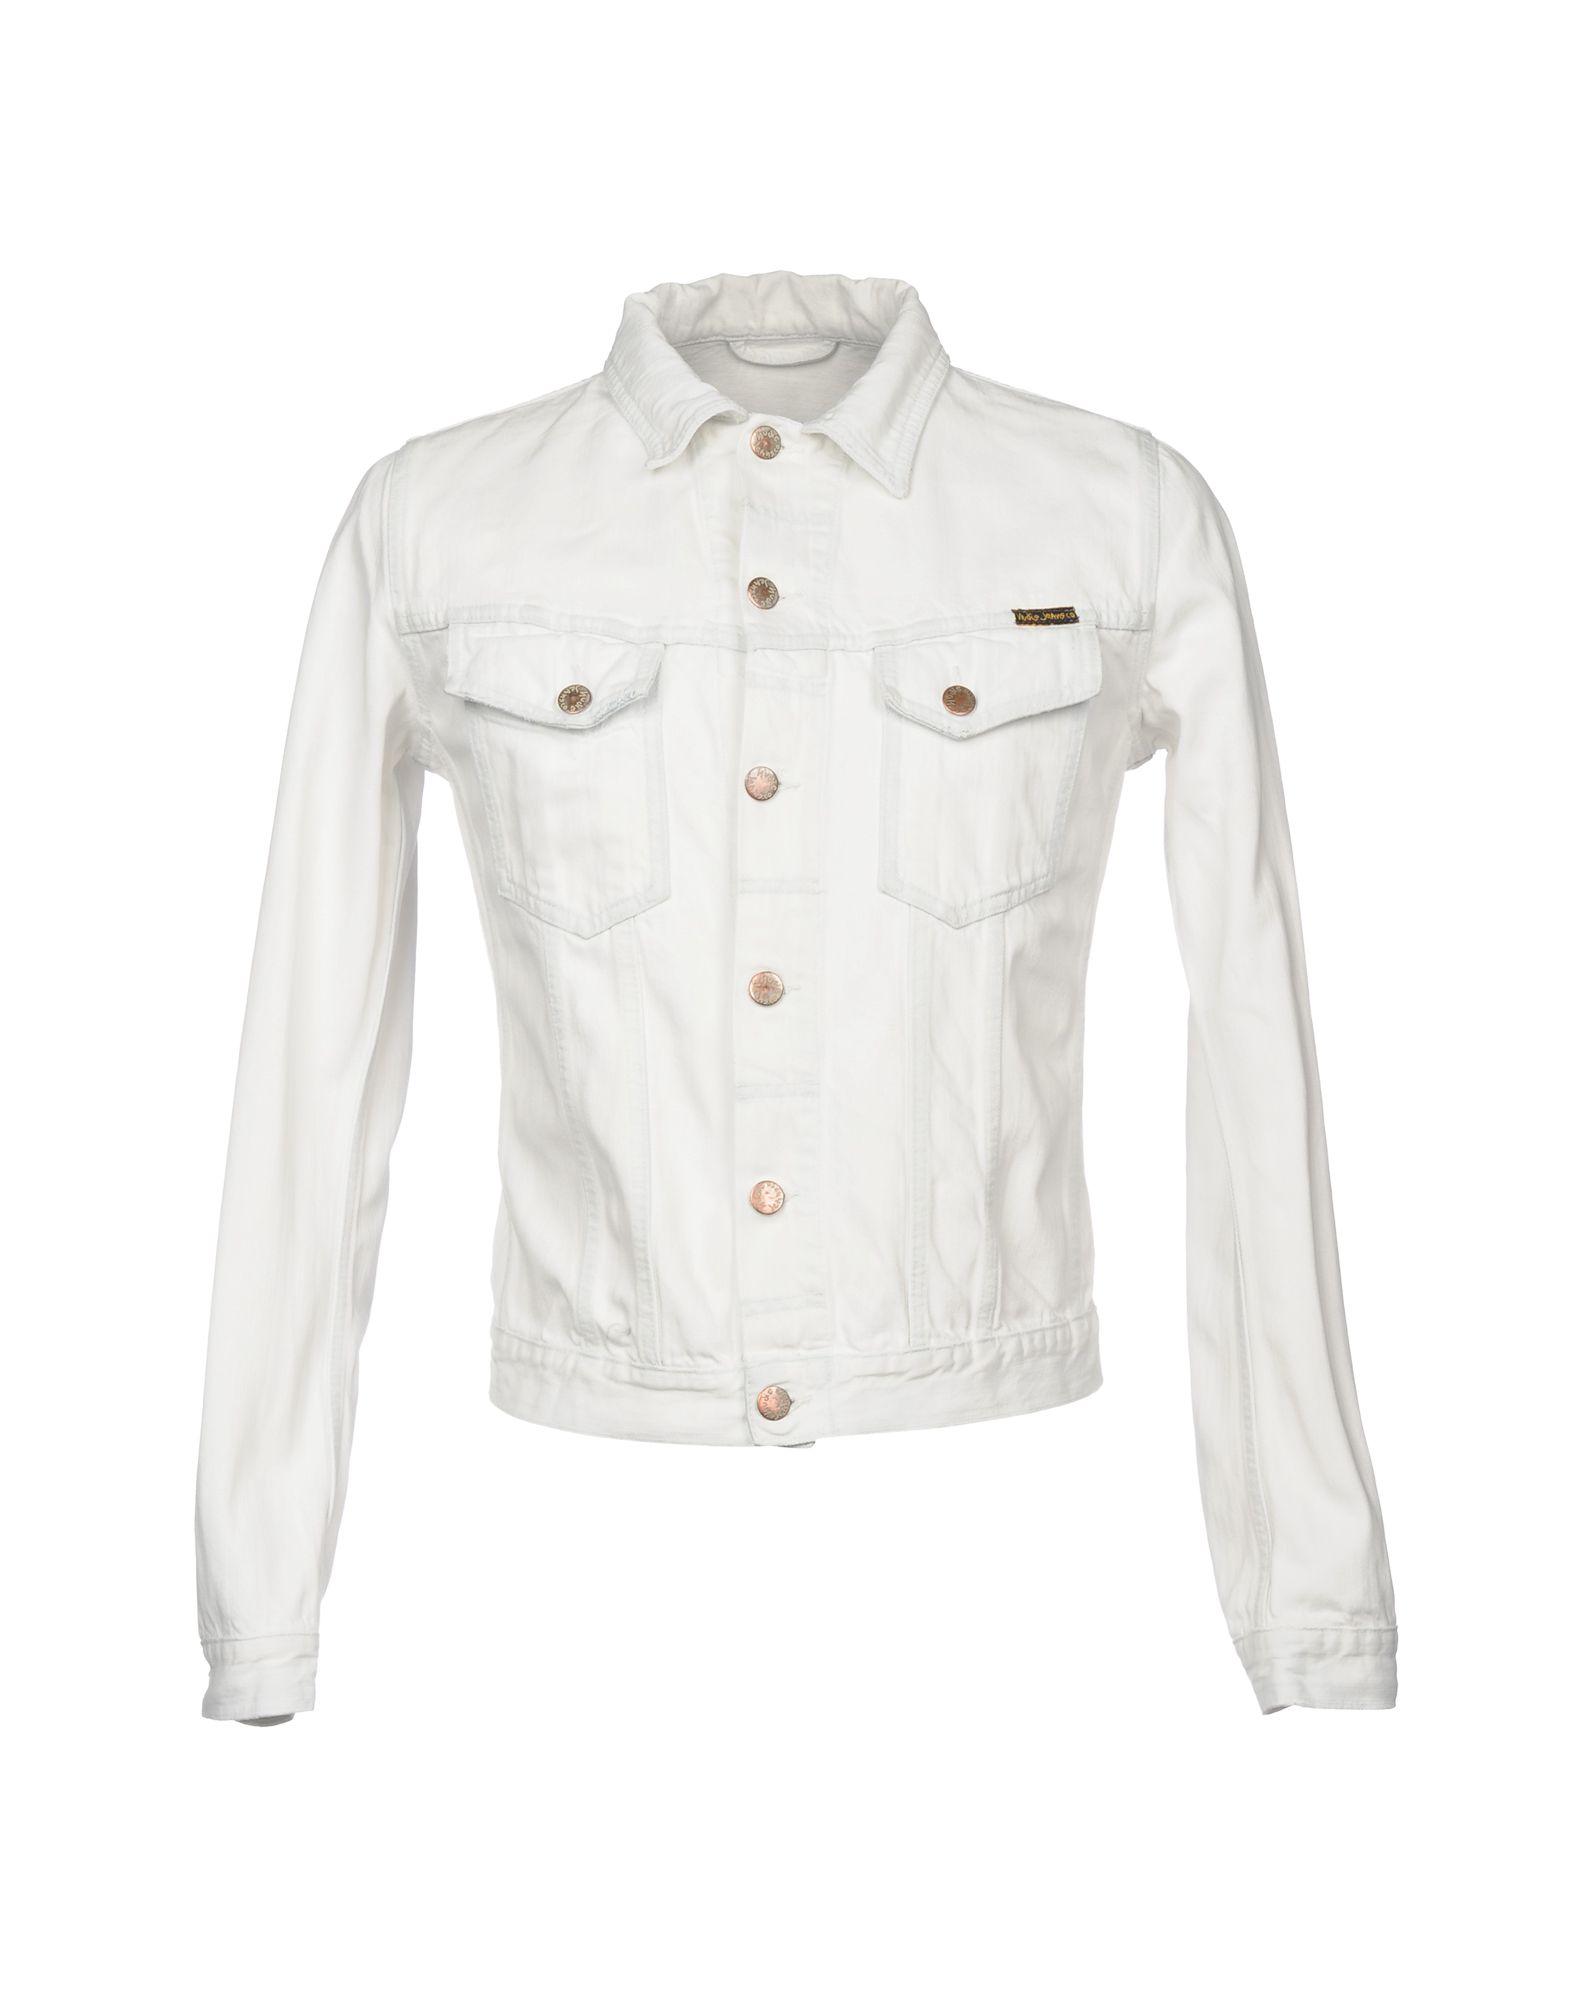 NUDIE JEANS CO Джинсовая рубашка at p co рубашка джинсовая атипико franciacpb33 0915 синий 42